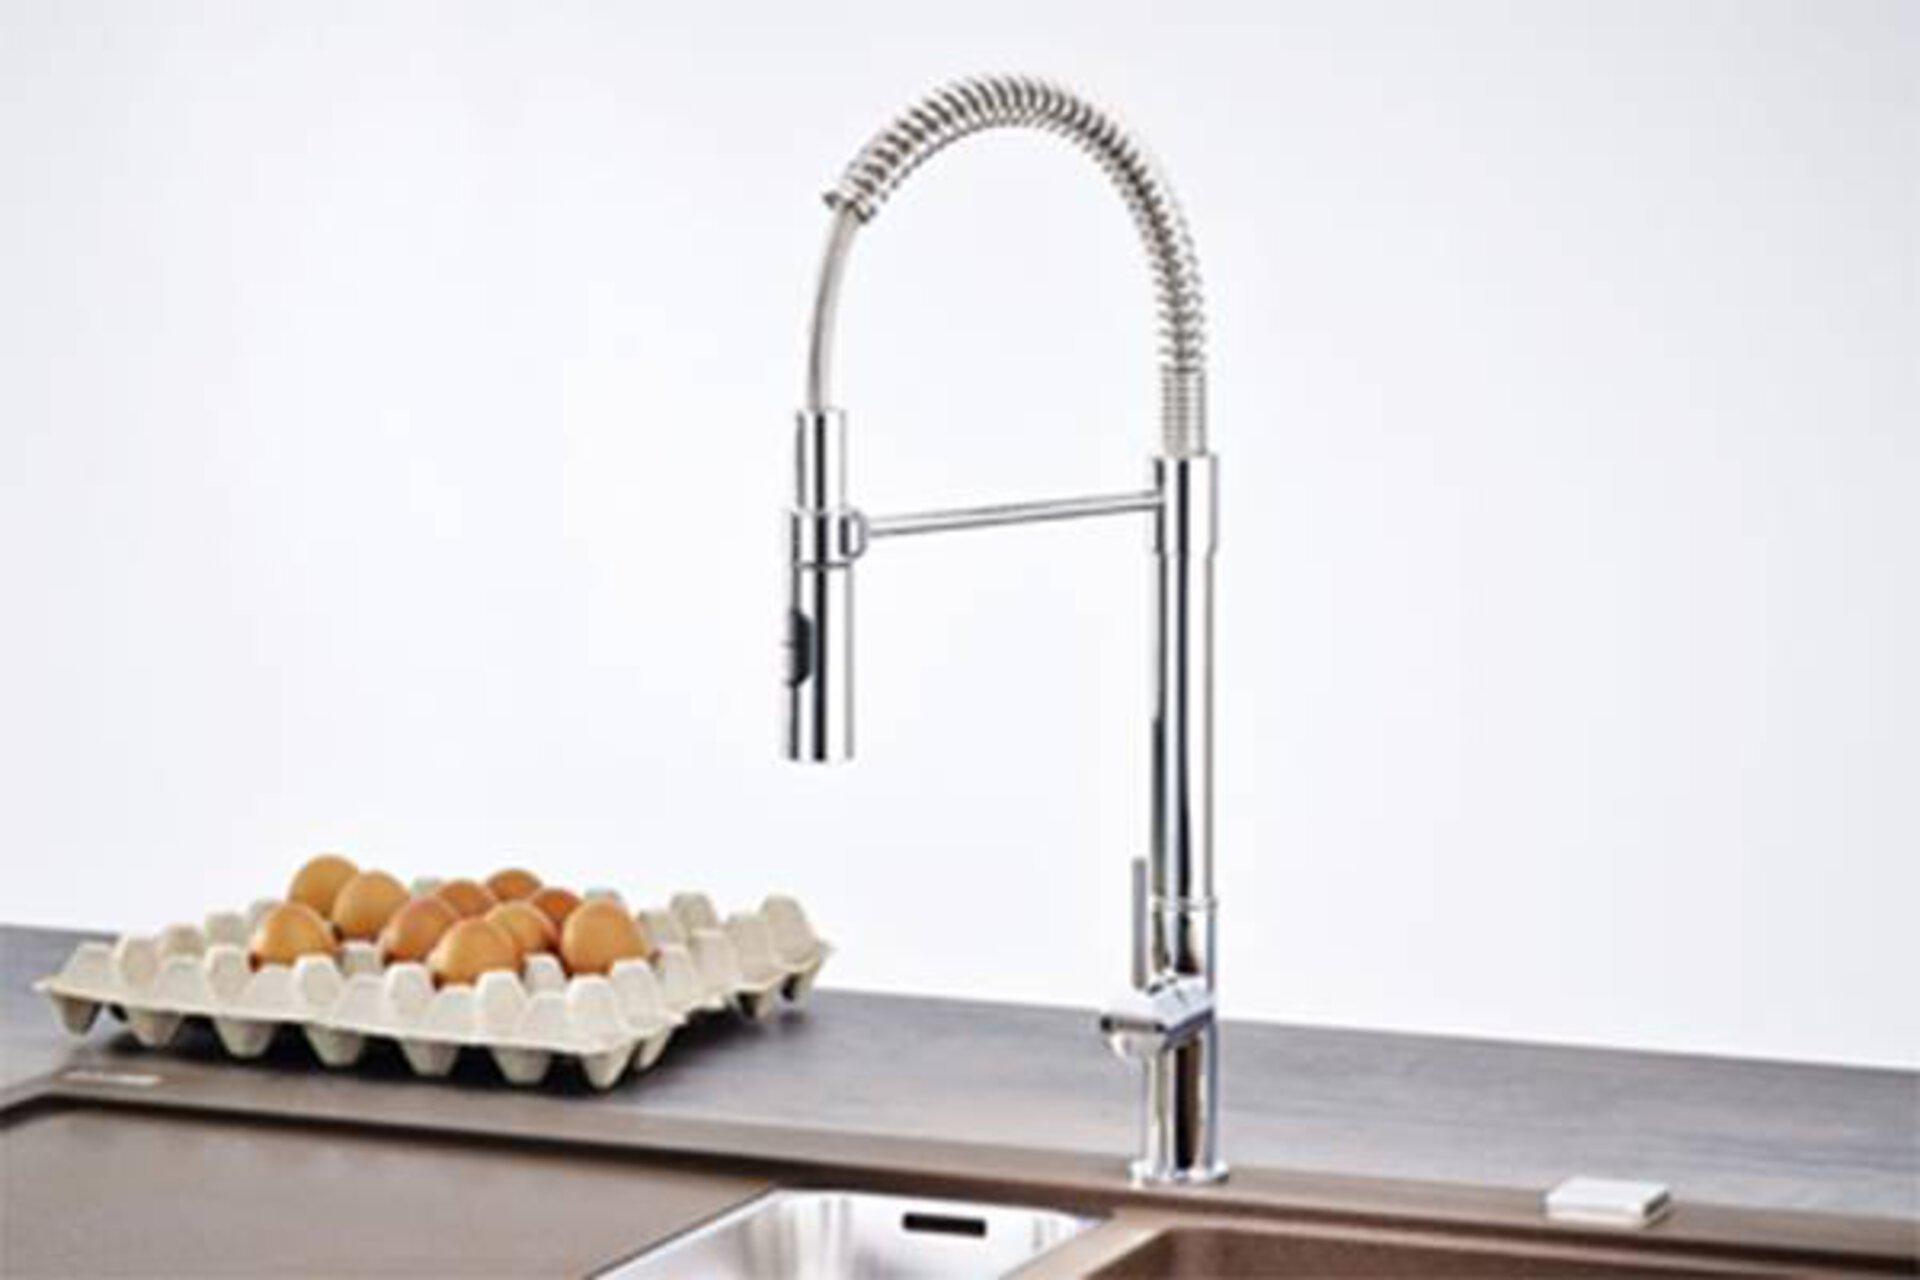 Hoher Wasserhahn aus Edelstahl mit Schlauchbrause als Armatur in der Küche dient als Kategoriebild für Küchenarmaturen.